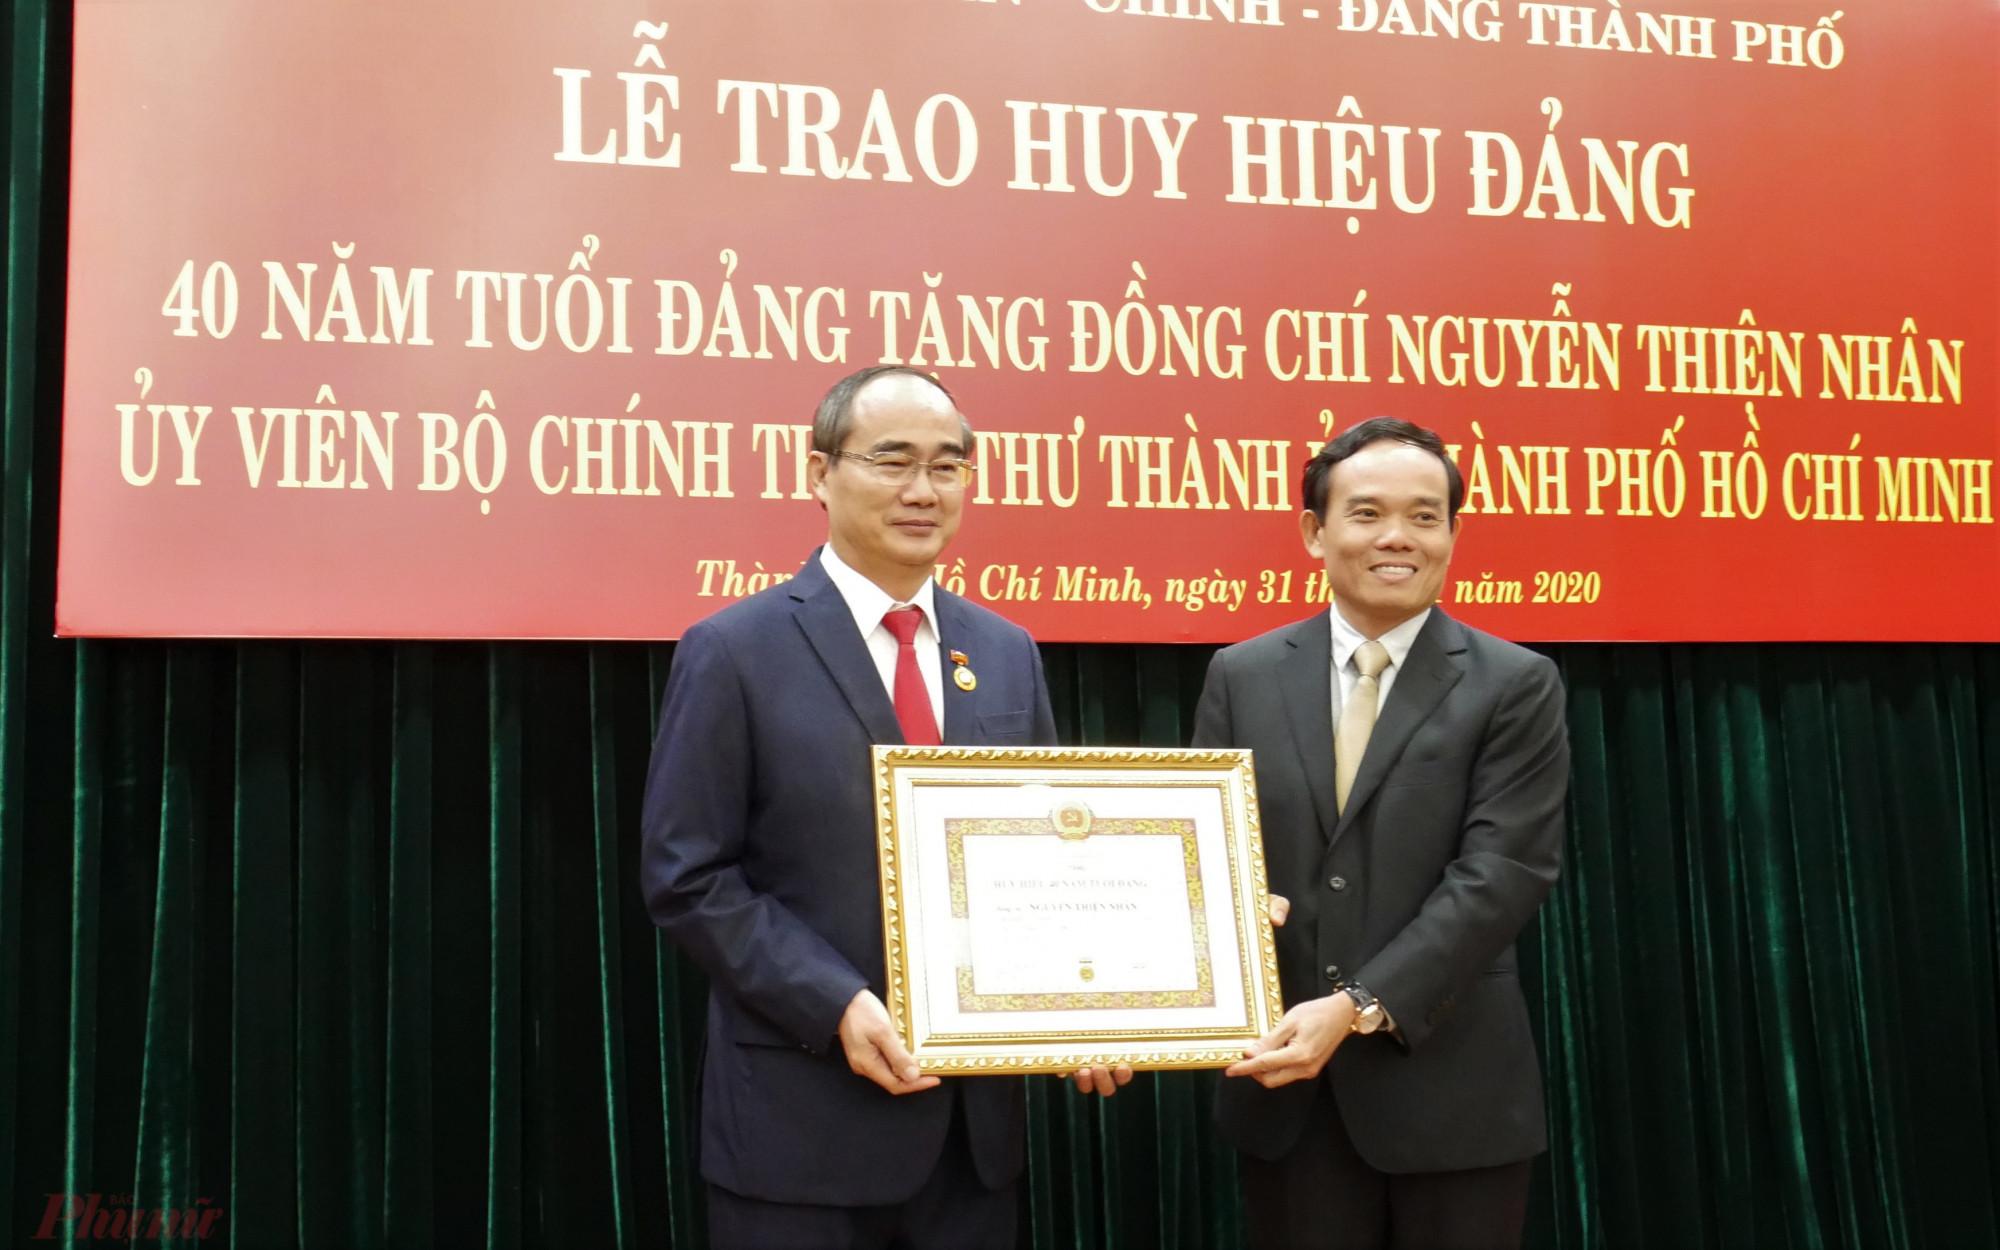 Phó bí thư Thường trực Thành ủy TPHCM Trần Lưu Quang trao huy hiệu 40 năm tuổi Đảng cho Bí thư Thành ủy TPHCM Nguyễn Thiện Nhân